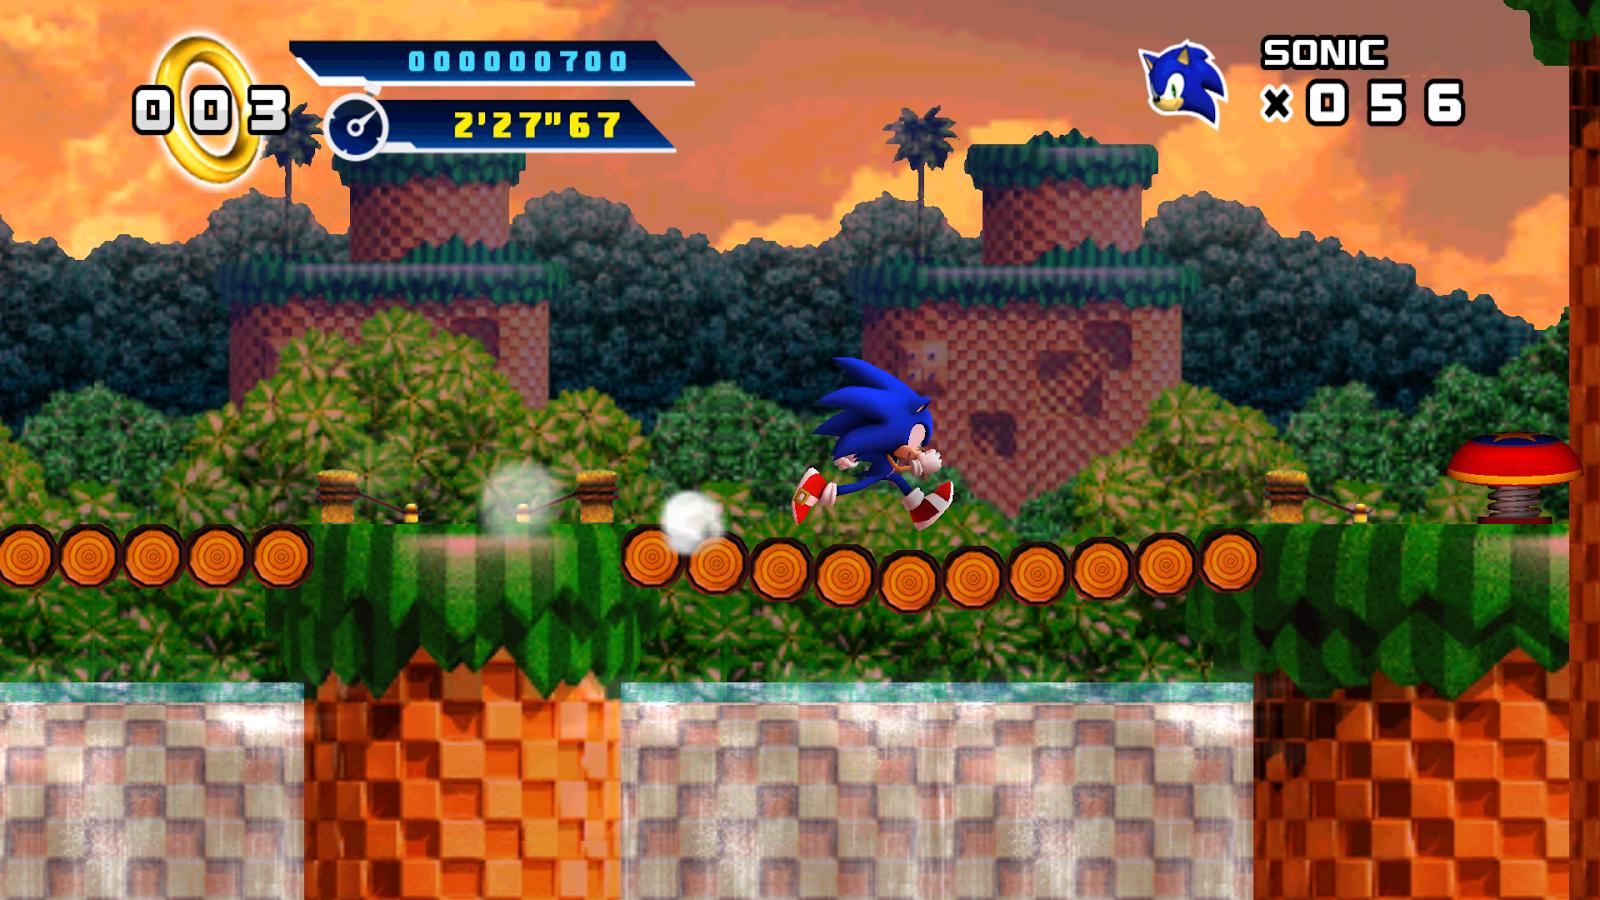 Sonic cd apk data